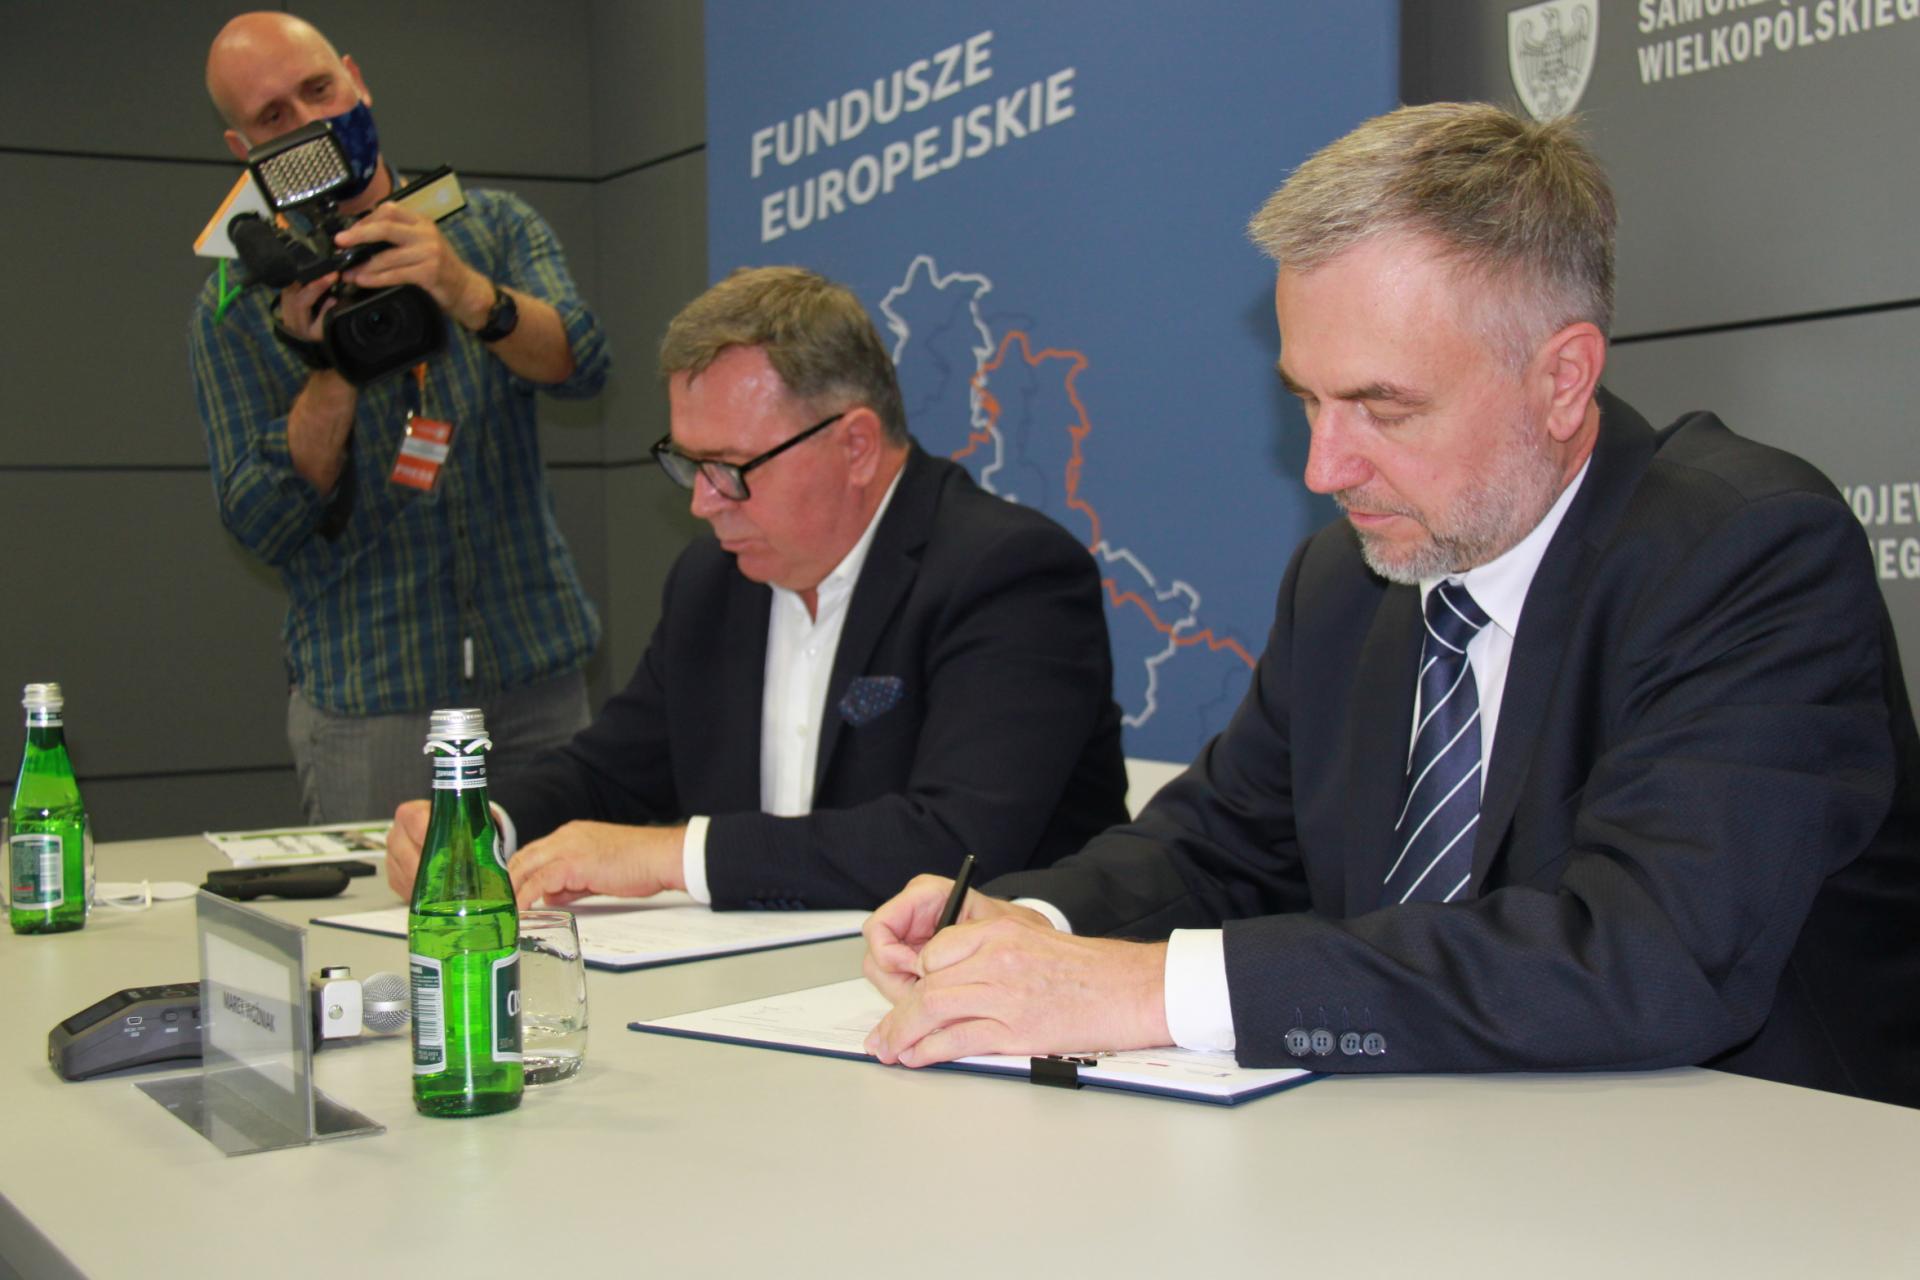 Już pół miliarda złotych Samorząd Województwa zainwestował w budowę ścieżek rowerowych w Wielkopolsce - zobacz więcej